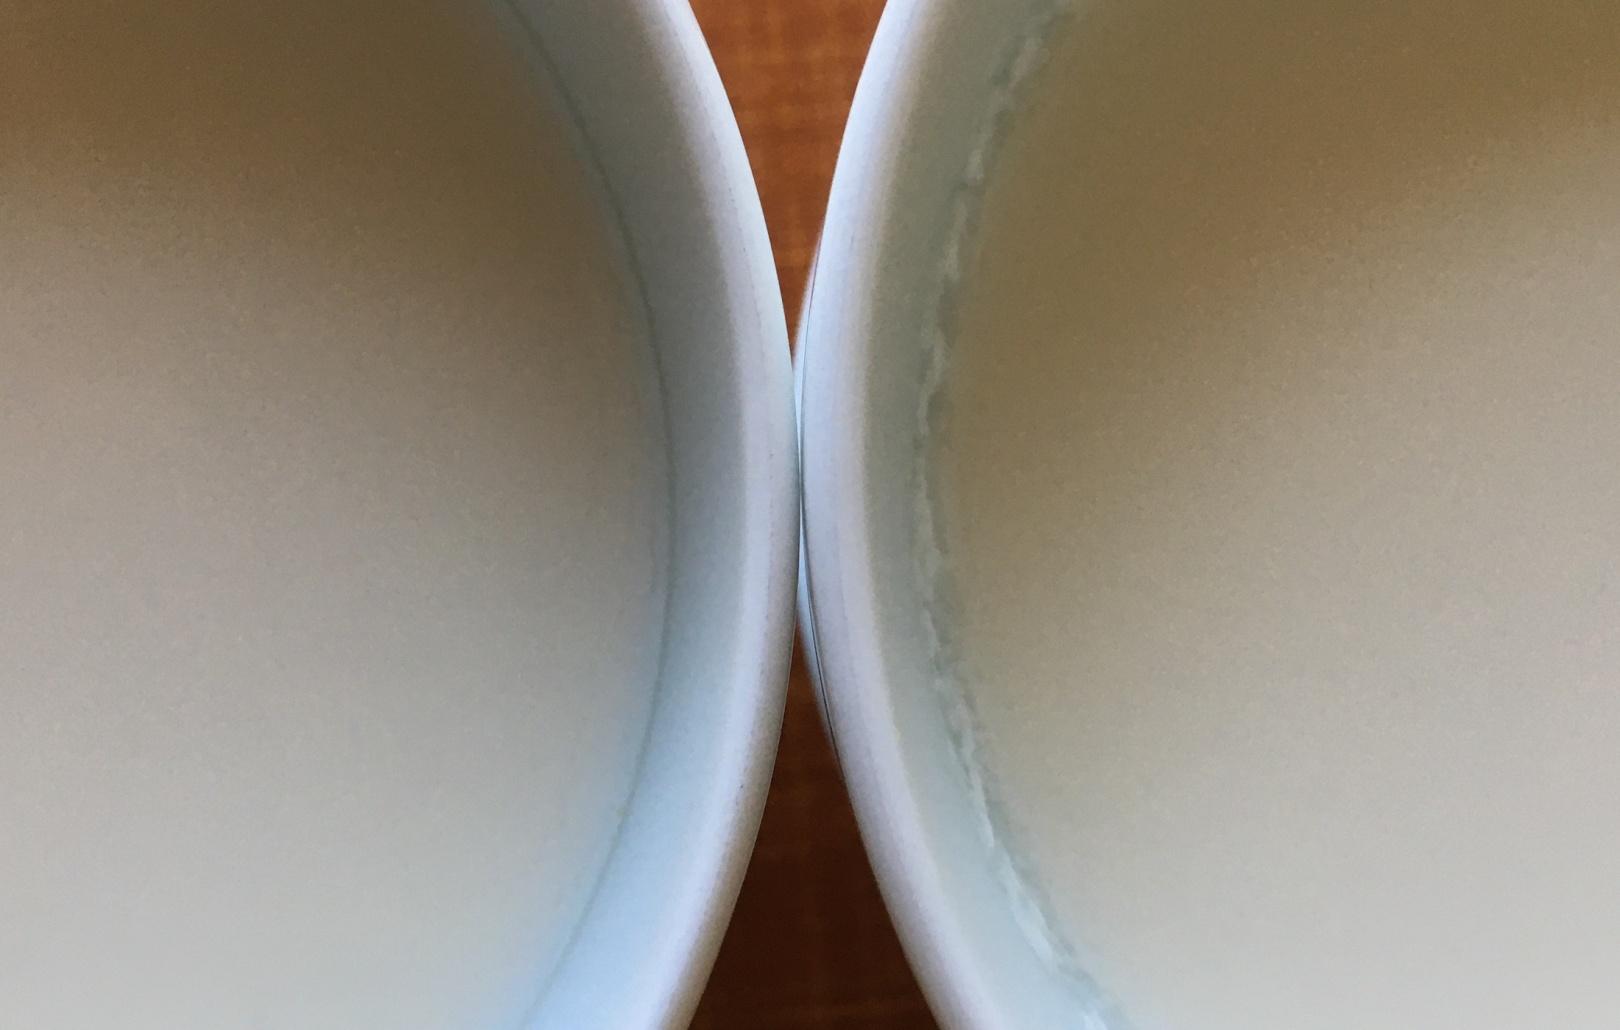 生姜ミルクプリン(薑汁撞奶)成功の鍵を握る「謎の白い粉」?